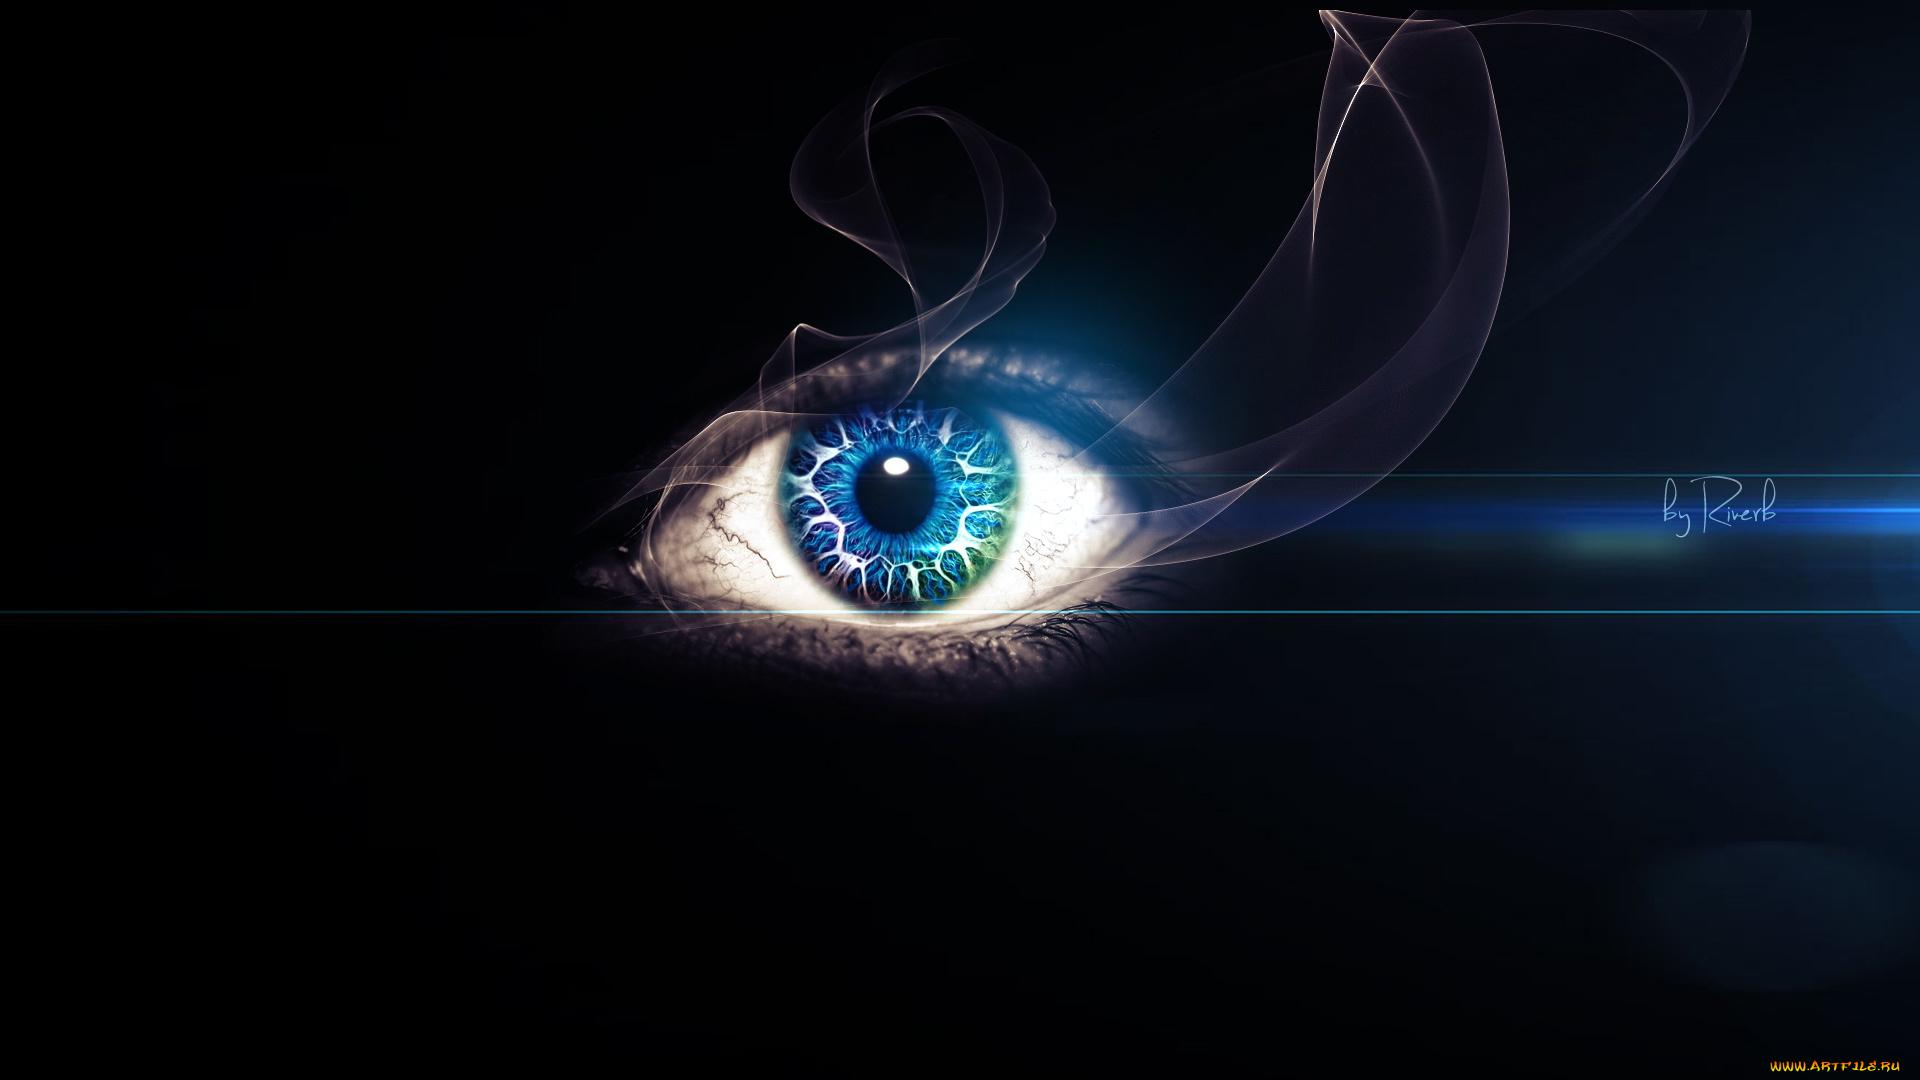 глаз картинки на экран телефона старшим научным